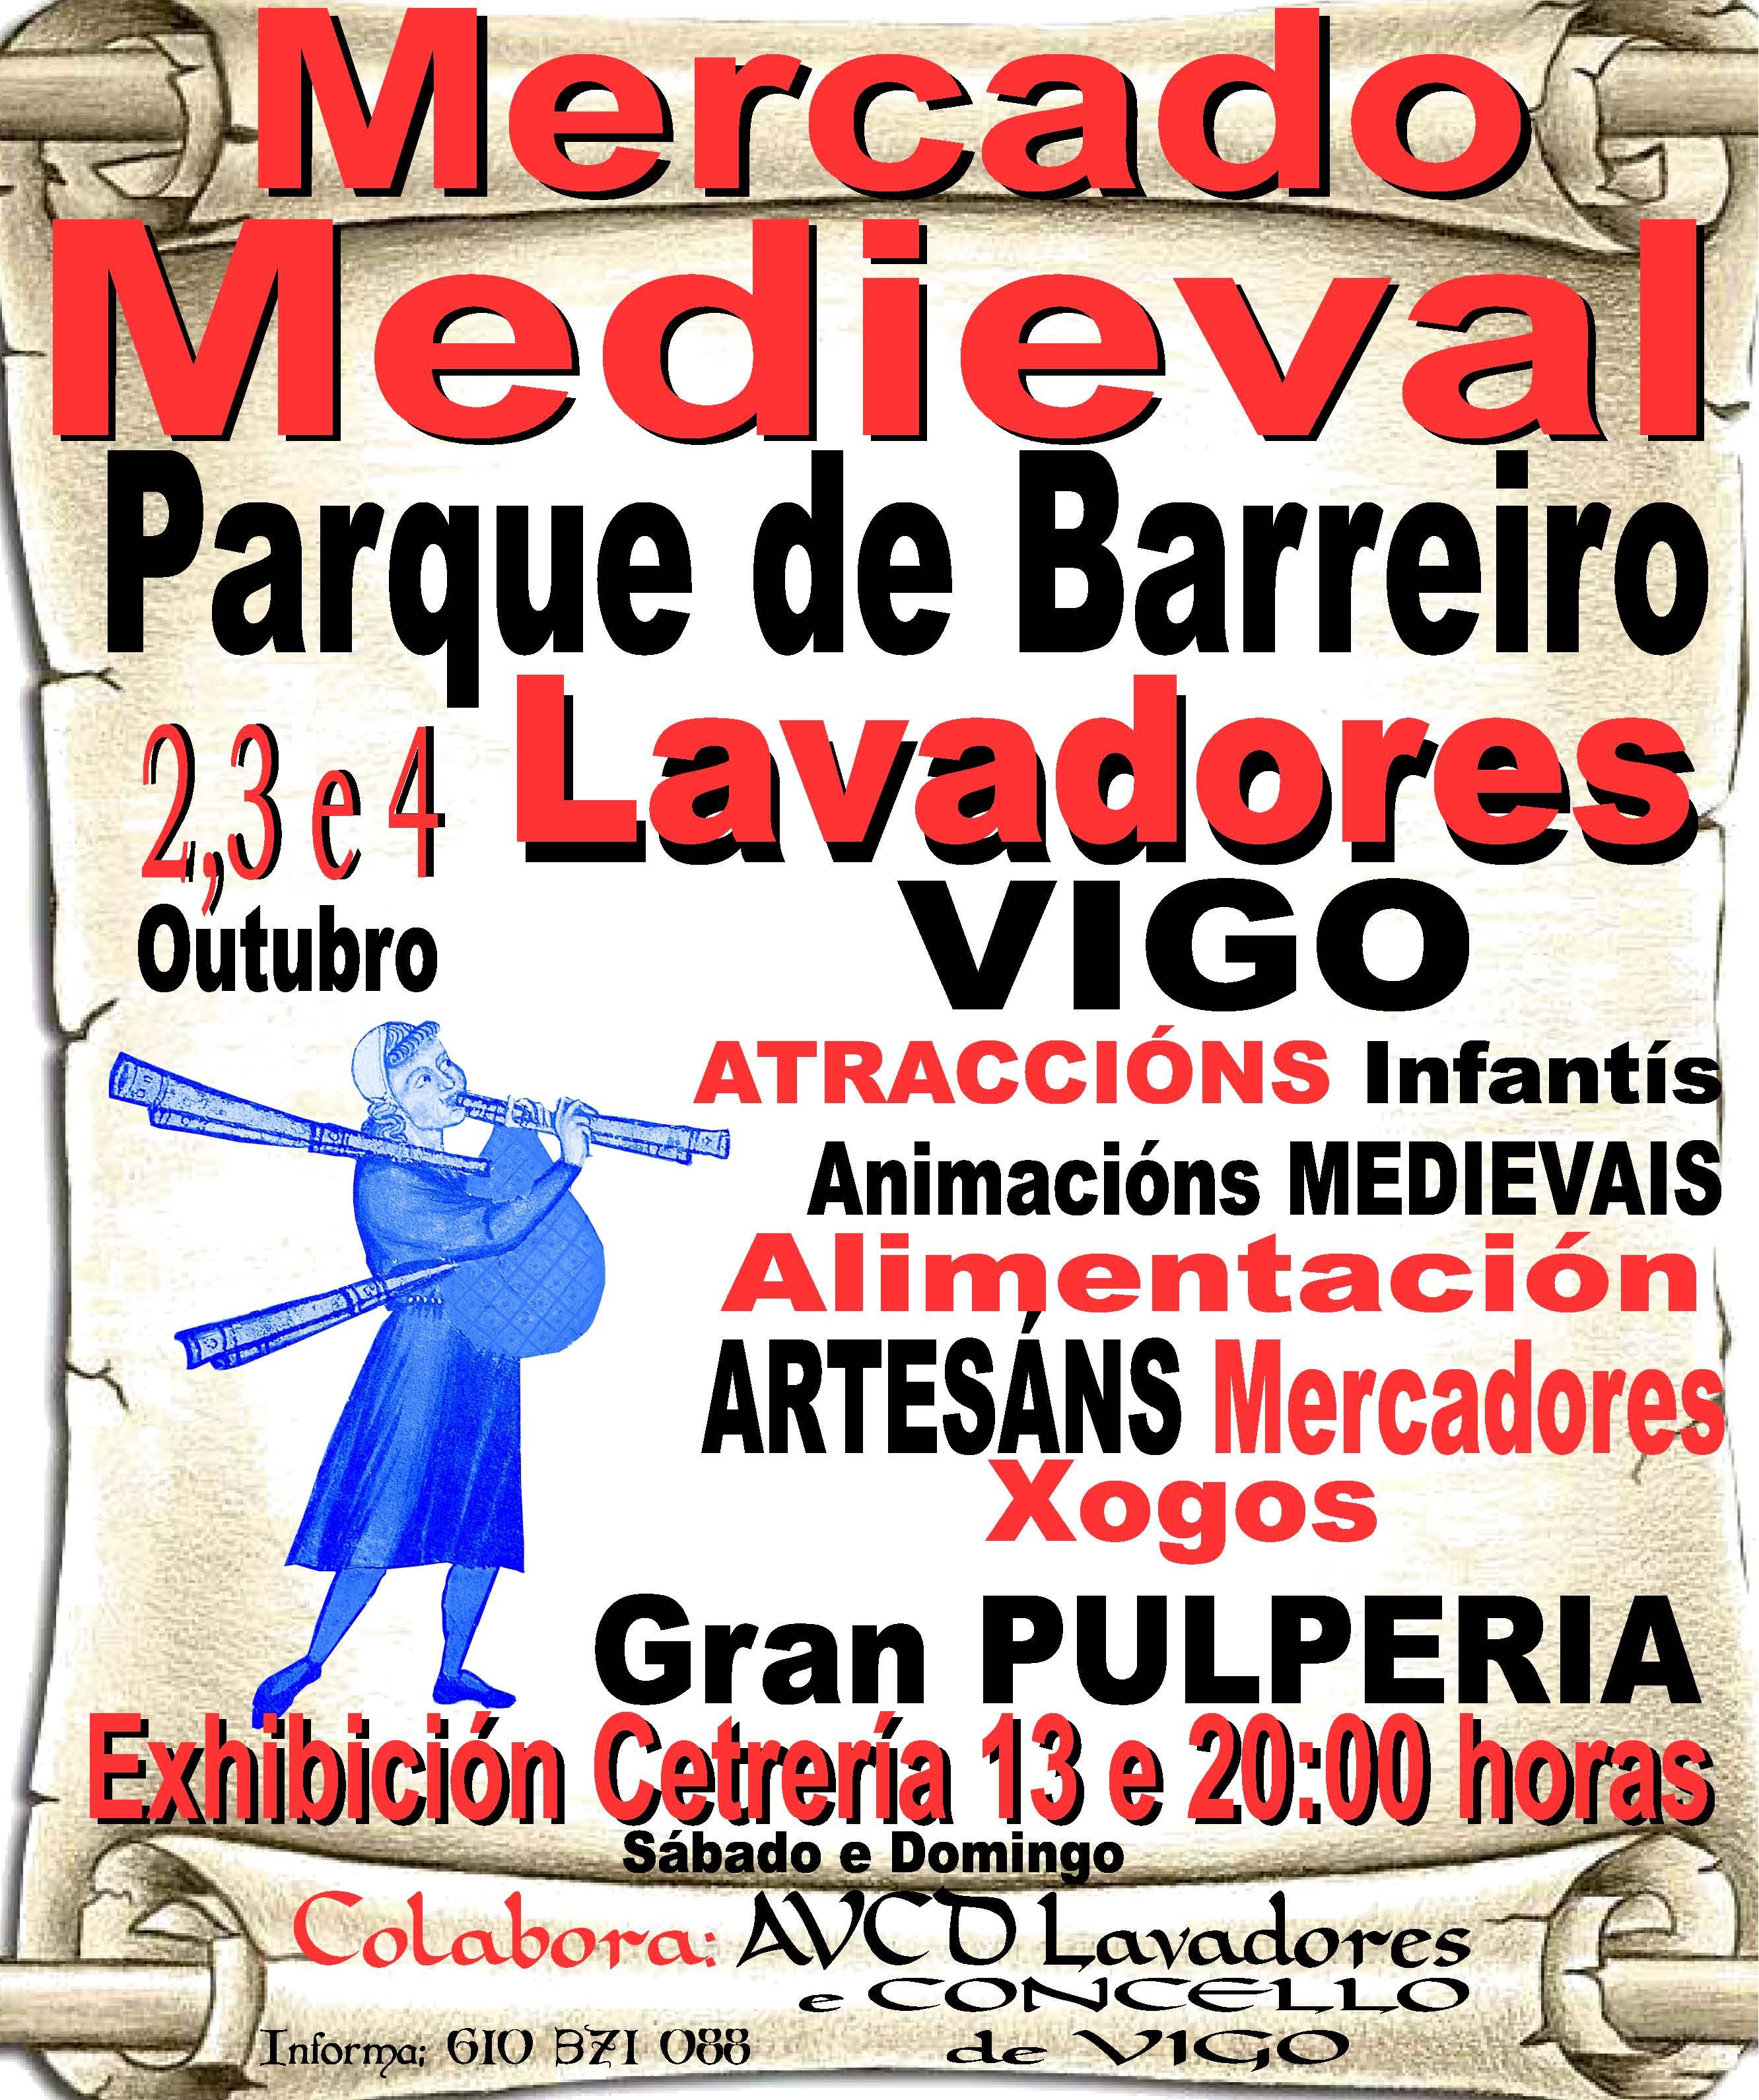 cartel-mercado-medieval-vigo-2015-v2_página_2